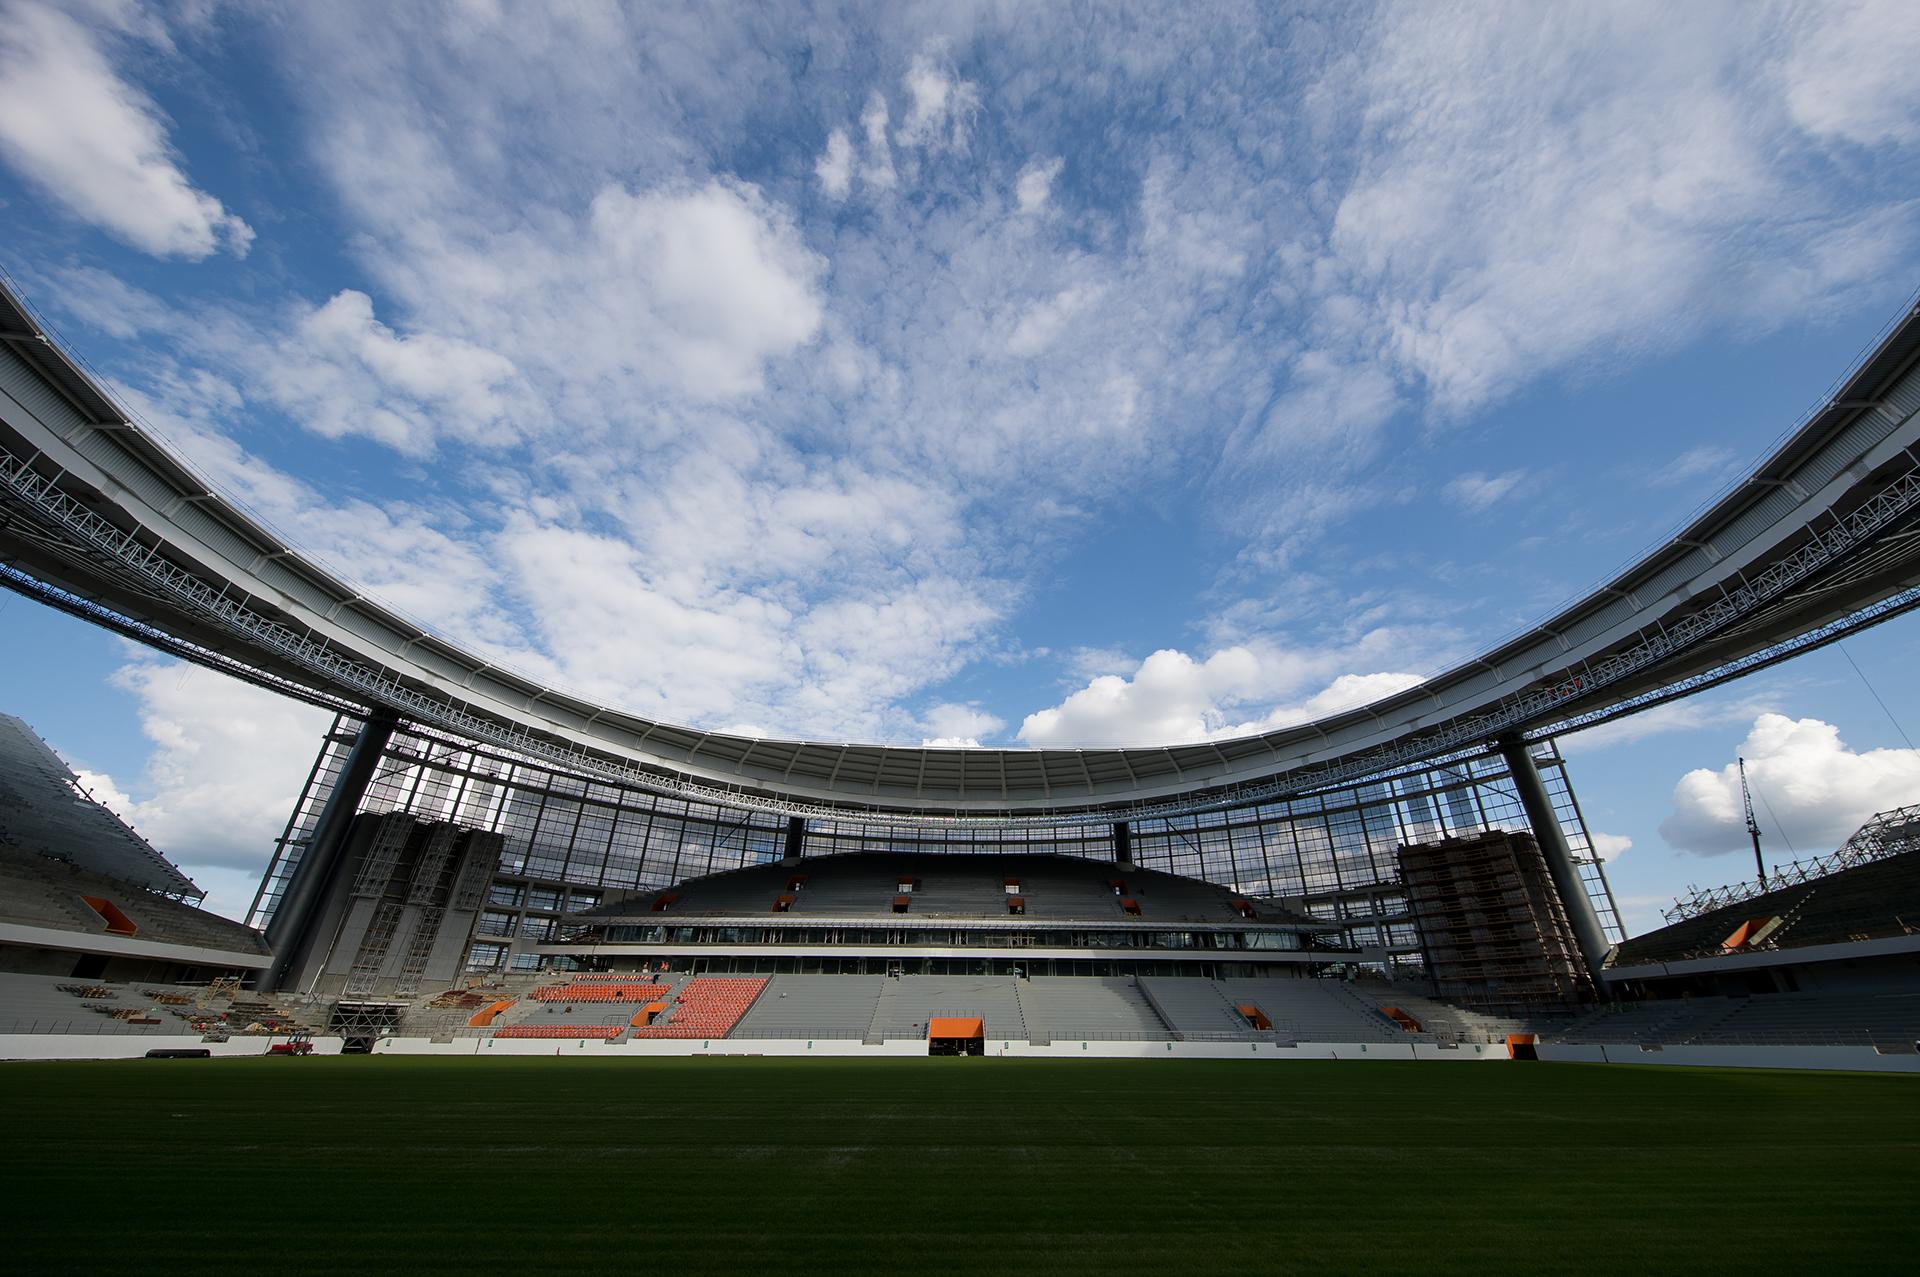 21 fotos del ekaterinburg arena el estadio m s extra o de for Estadio arena